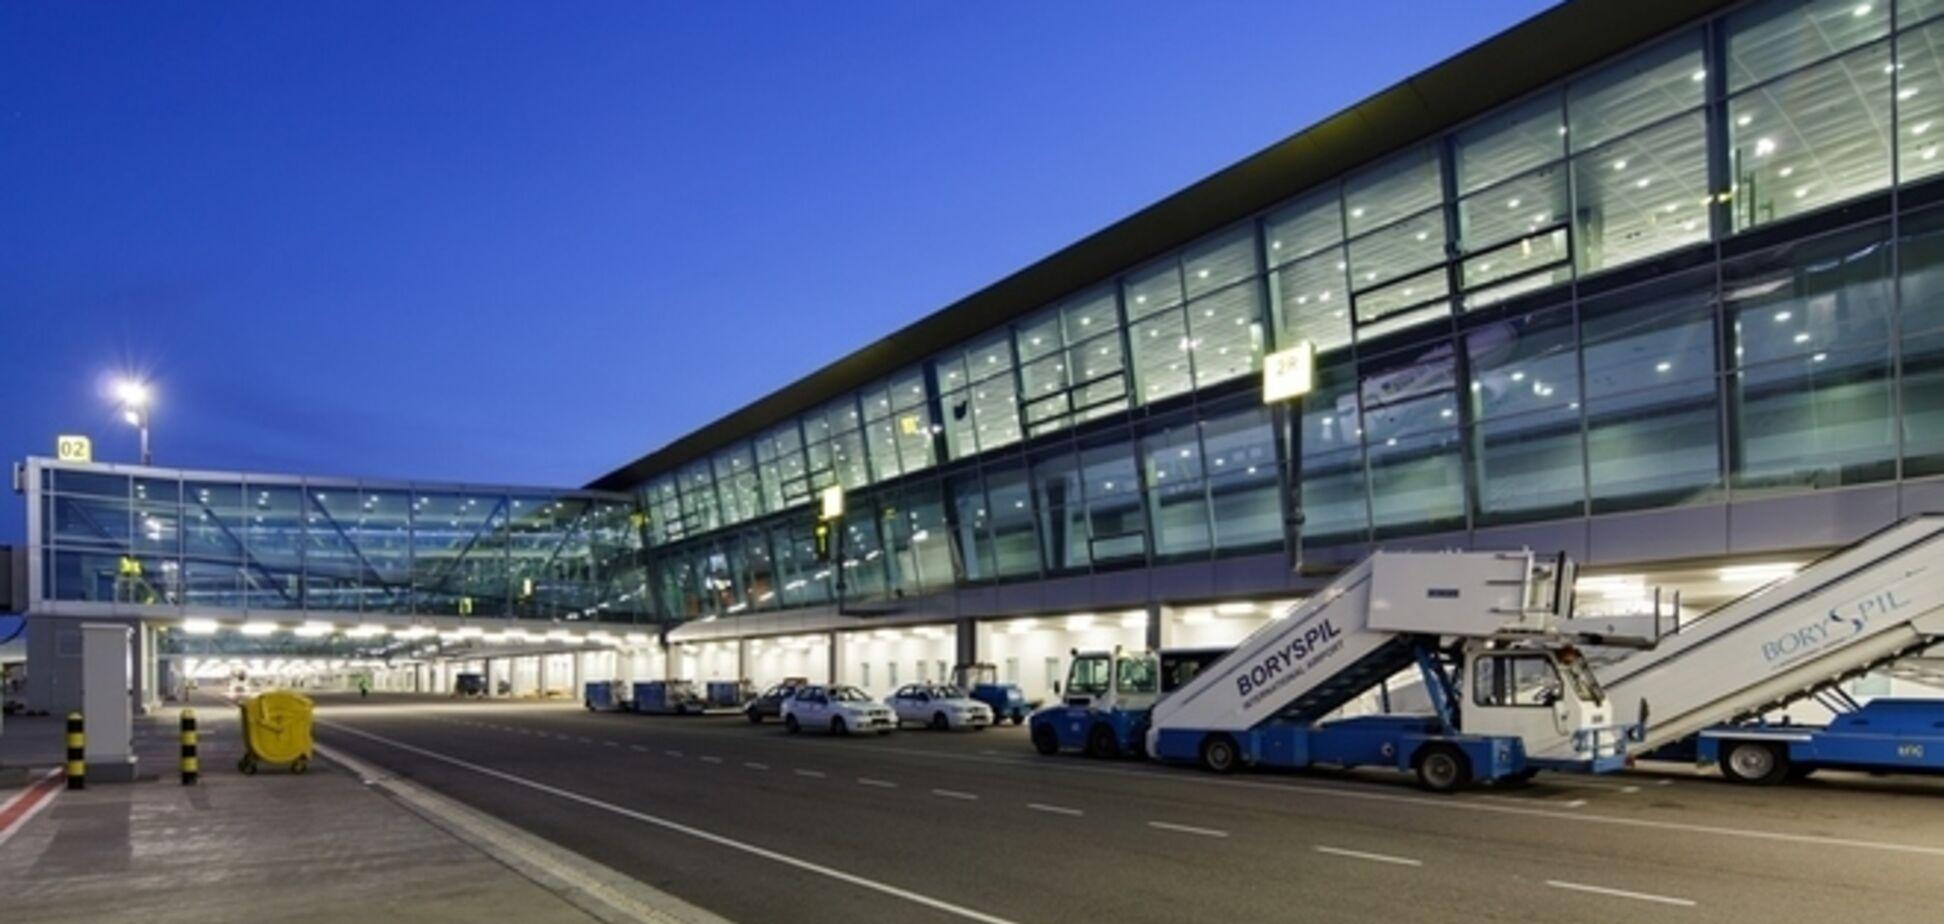 Сотрудники СБУ задержали запорожца, заявившего о минировании аэропорта 'Борисполь'